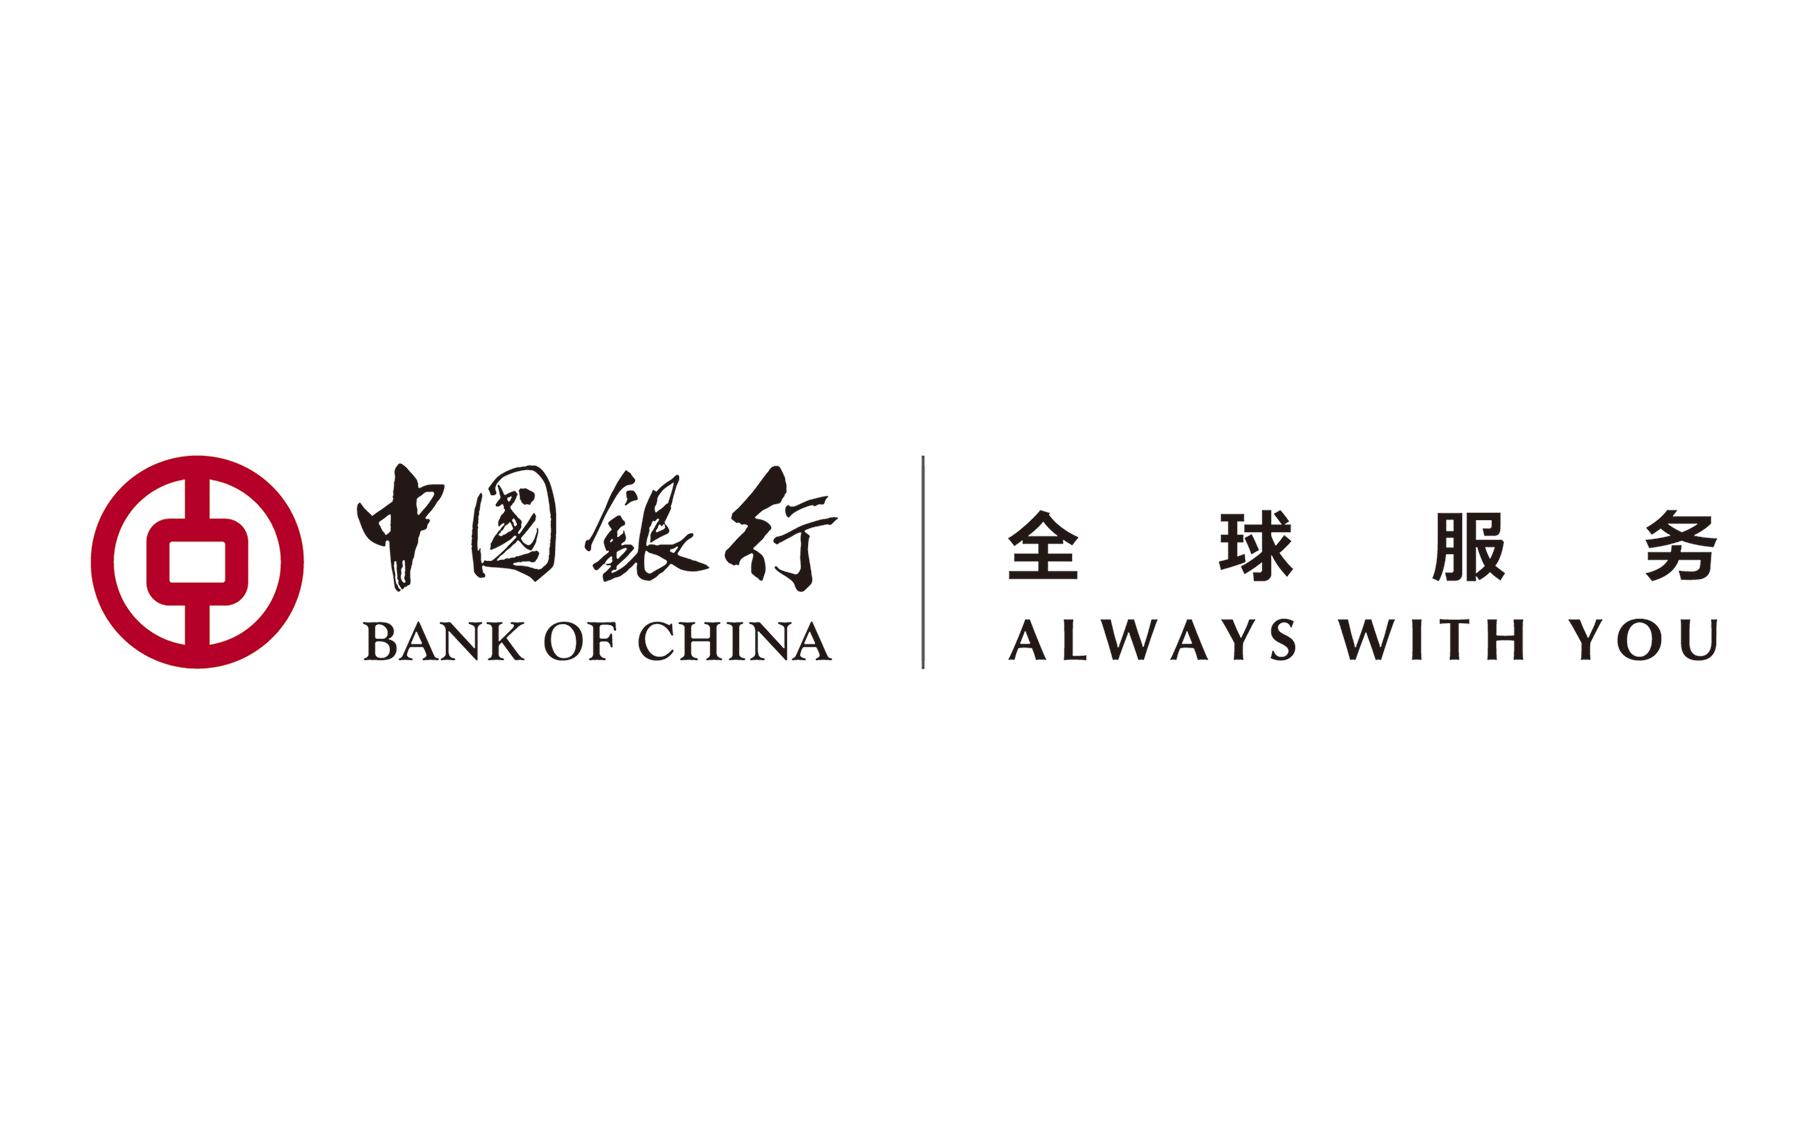 中国银行内蒙古分行